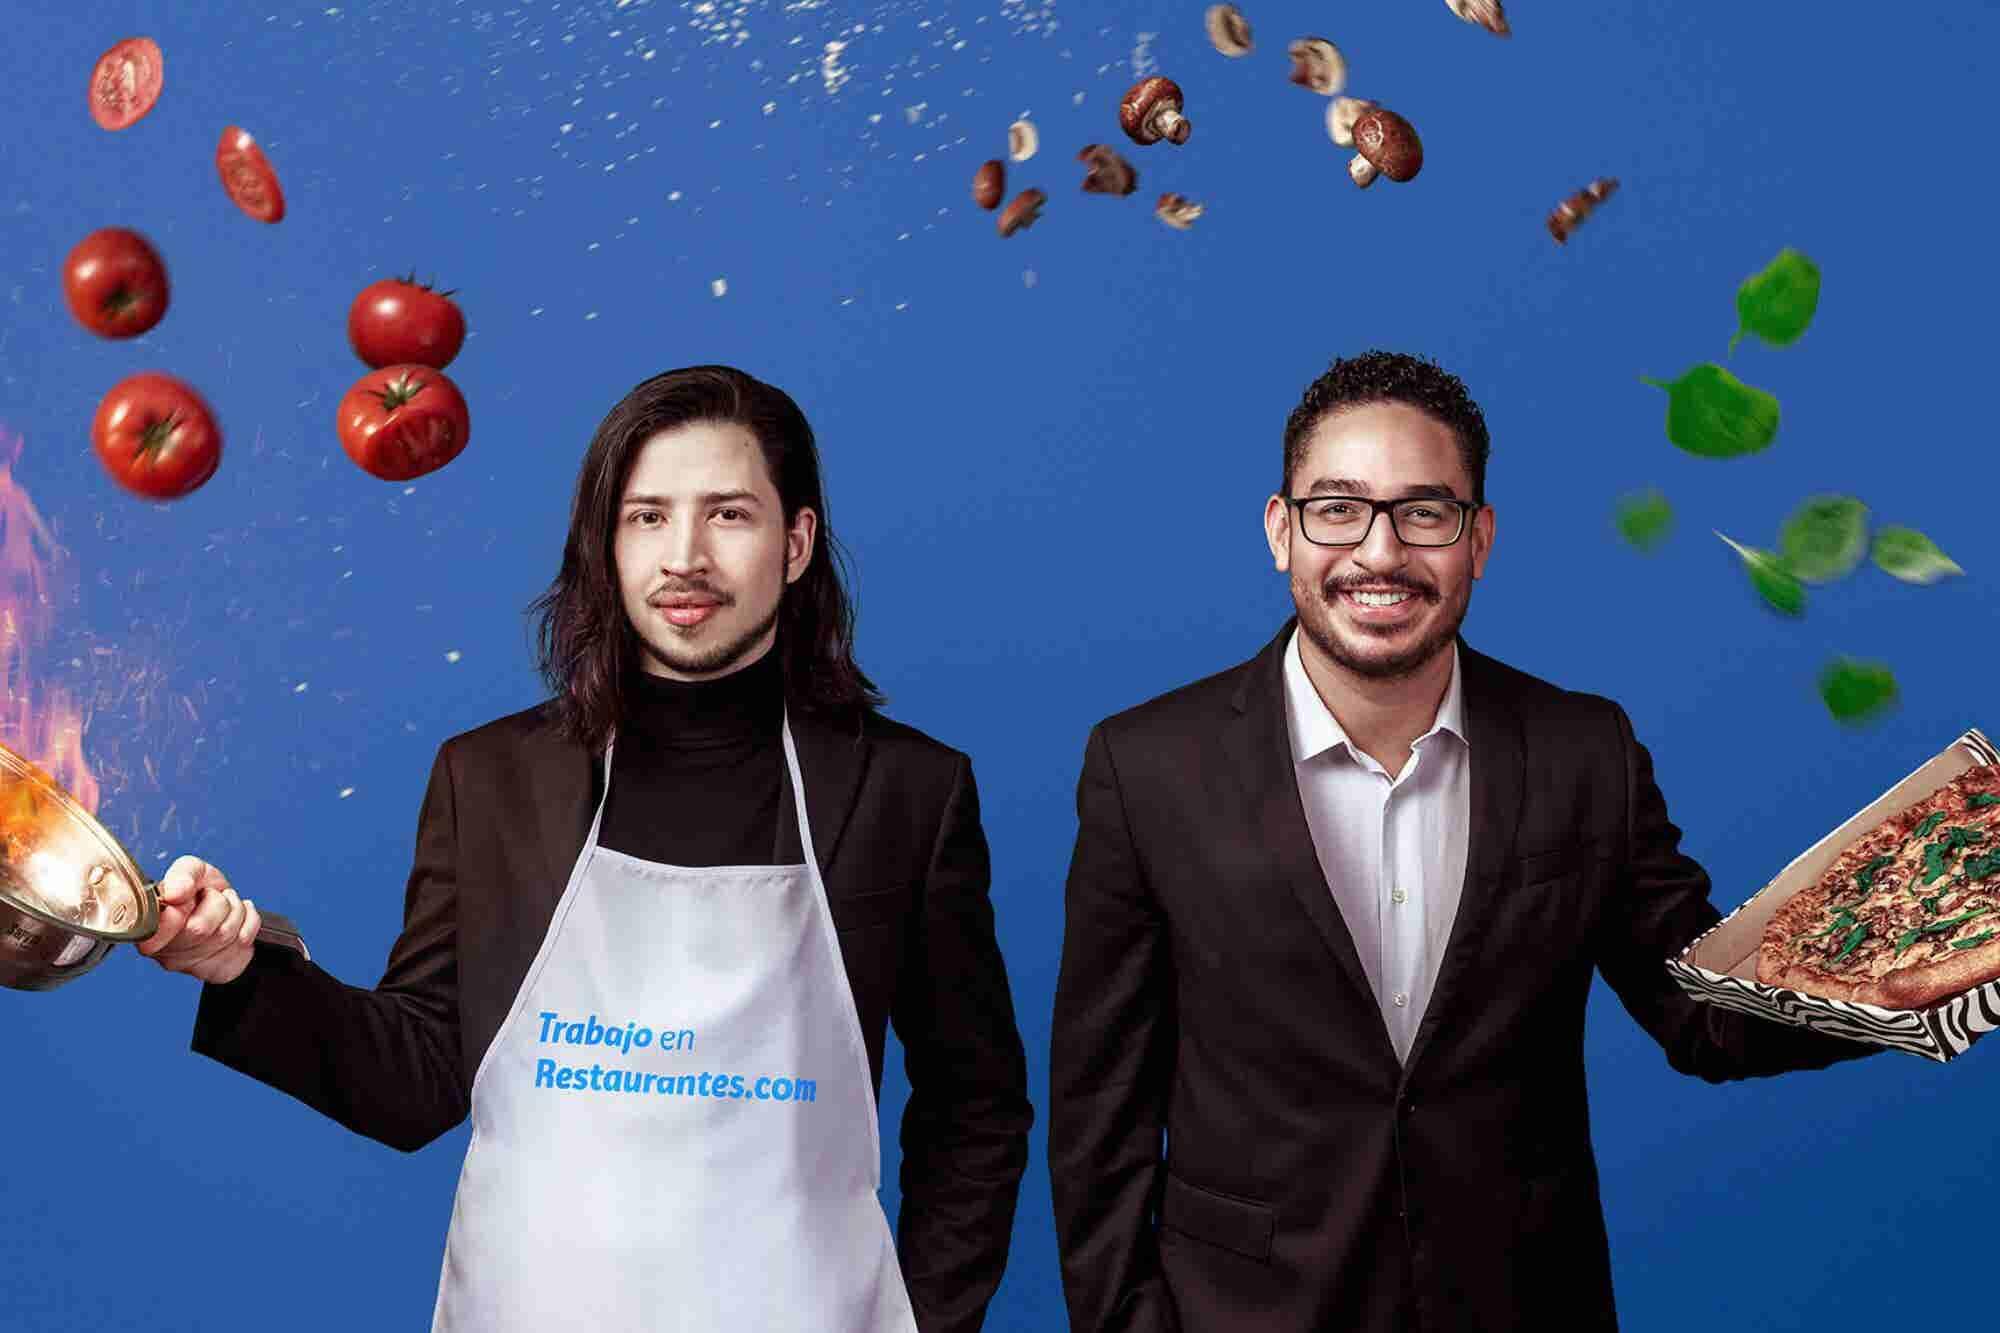 TrabajoenRestaurantes.com: la forma más fácil de buscar trabajo en restaurantes